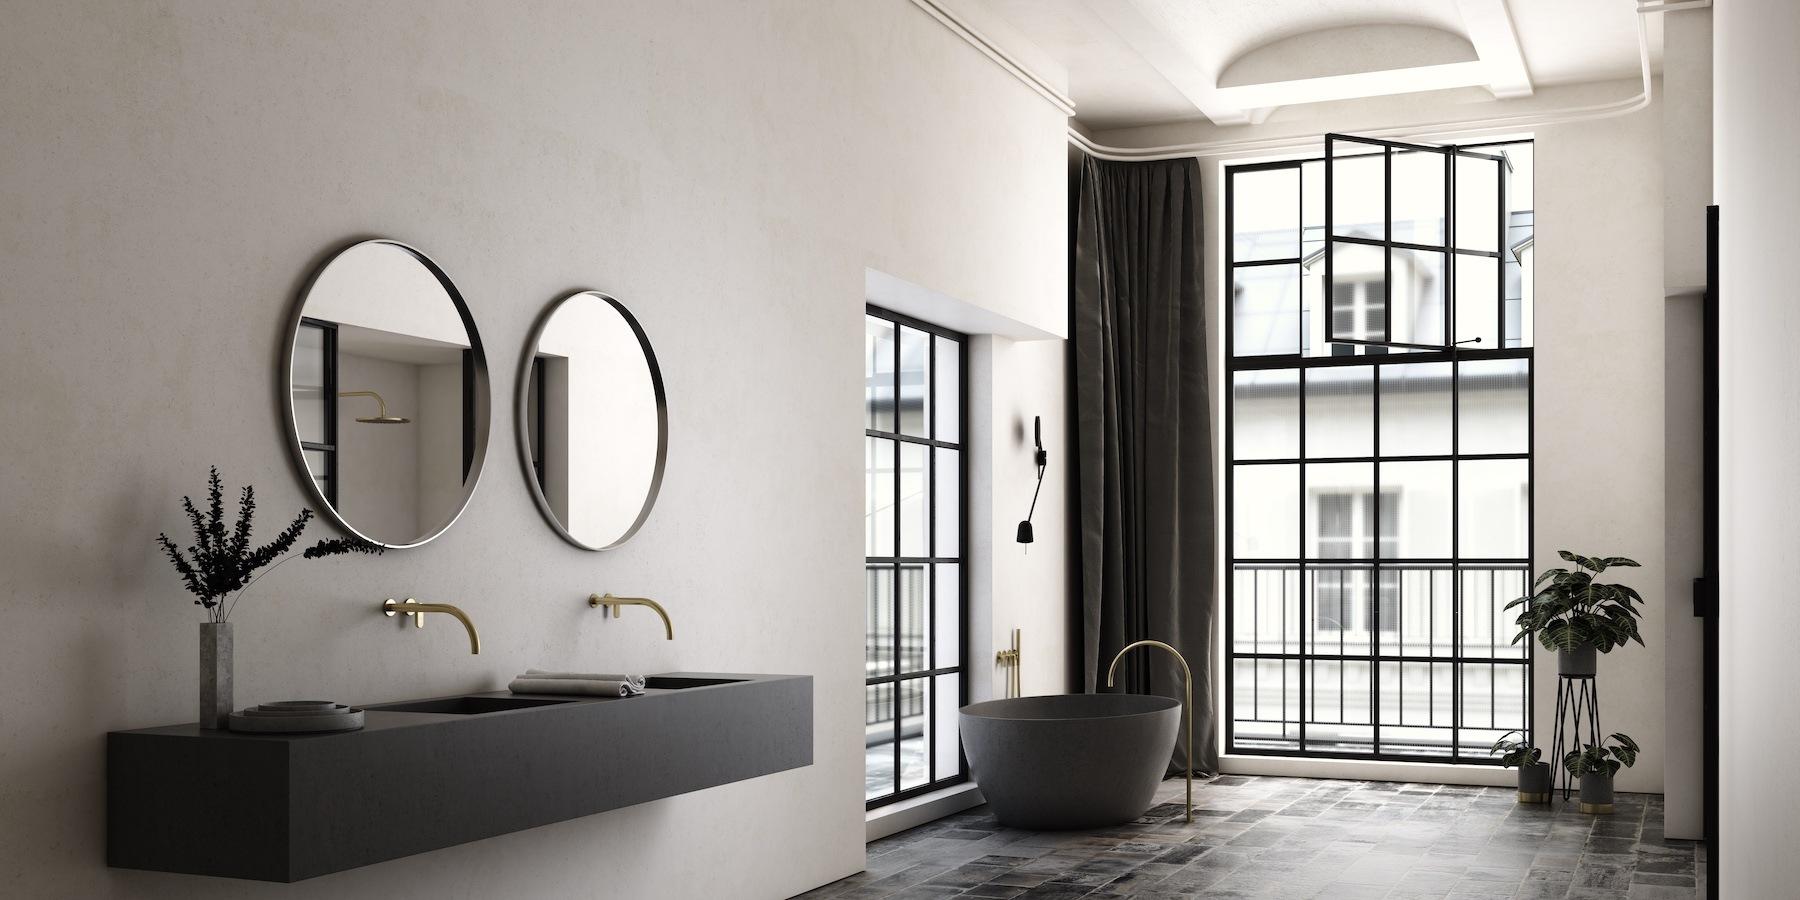 Bathroom-design-by-Cocoon-61710